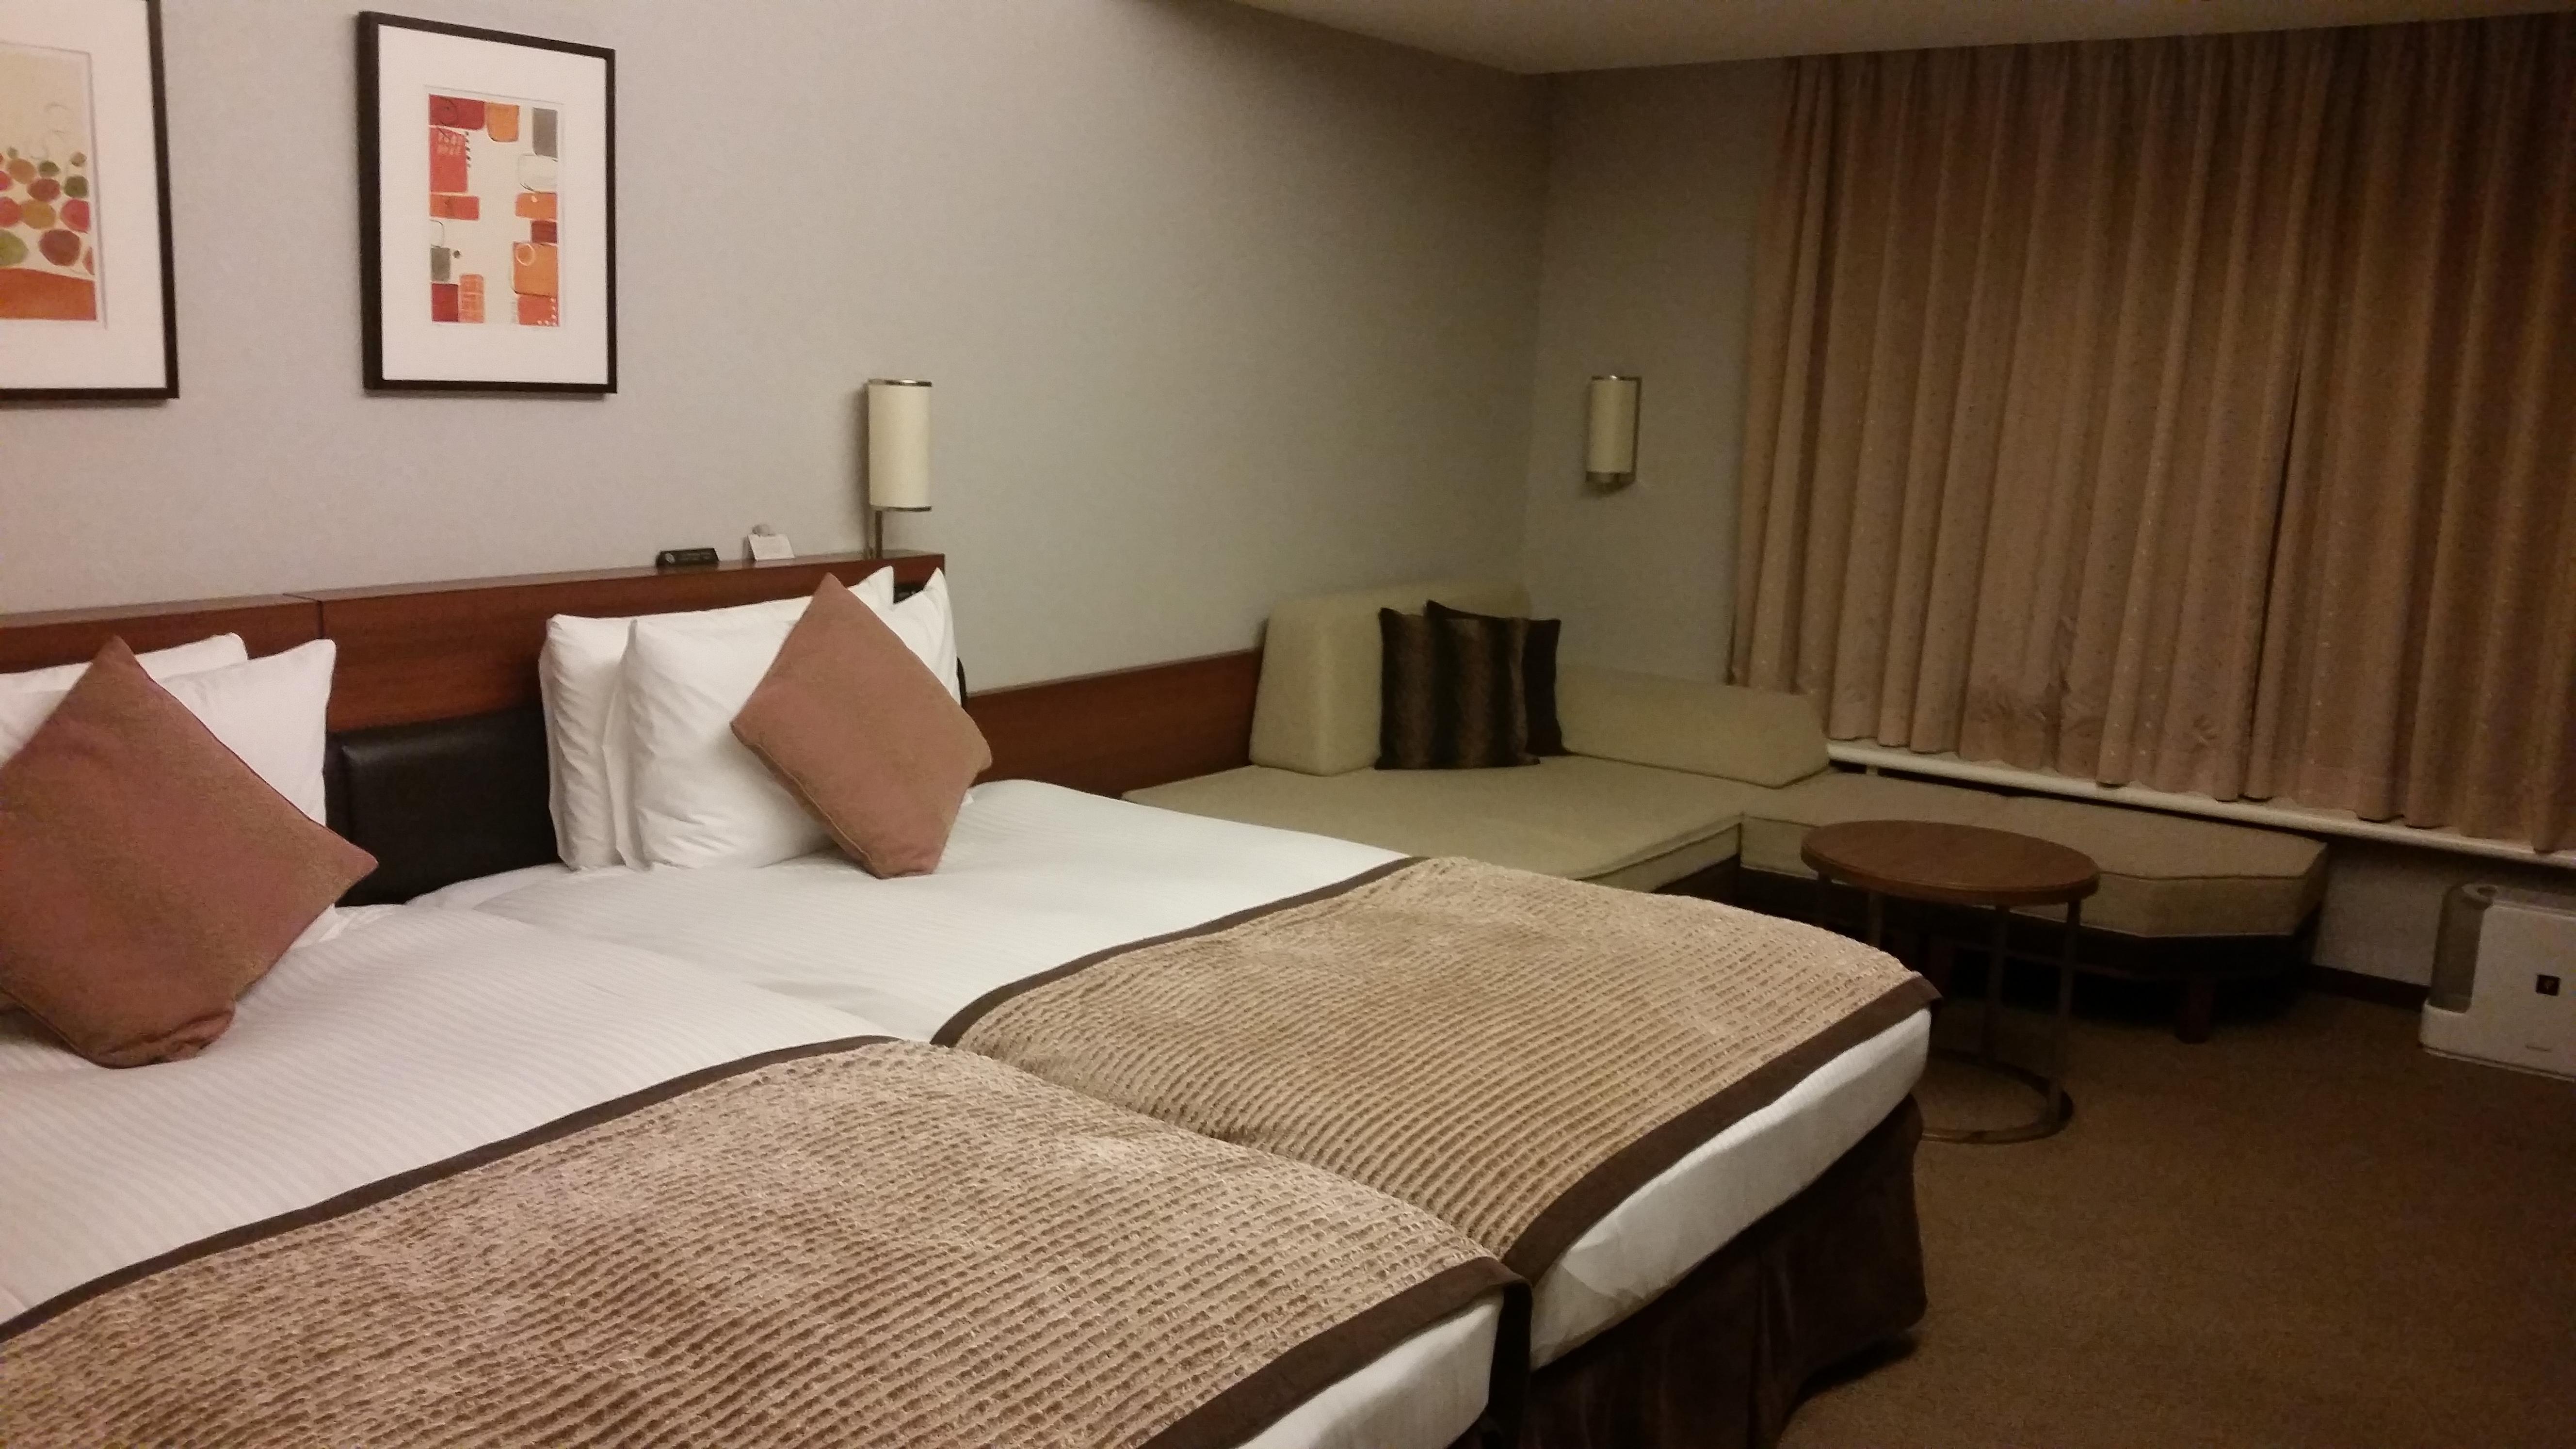 ディズニー周辺の激安ホテルの探し方。1泊2500円も! | 東京